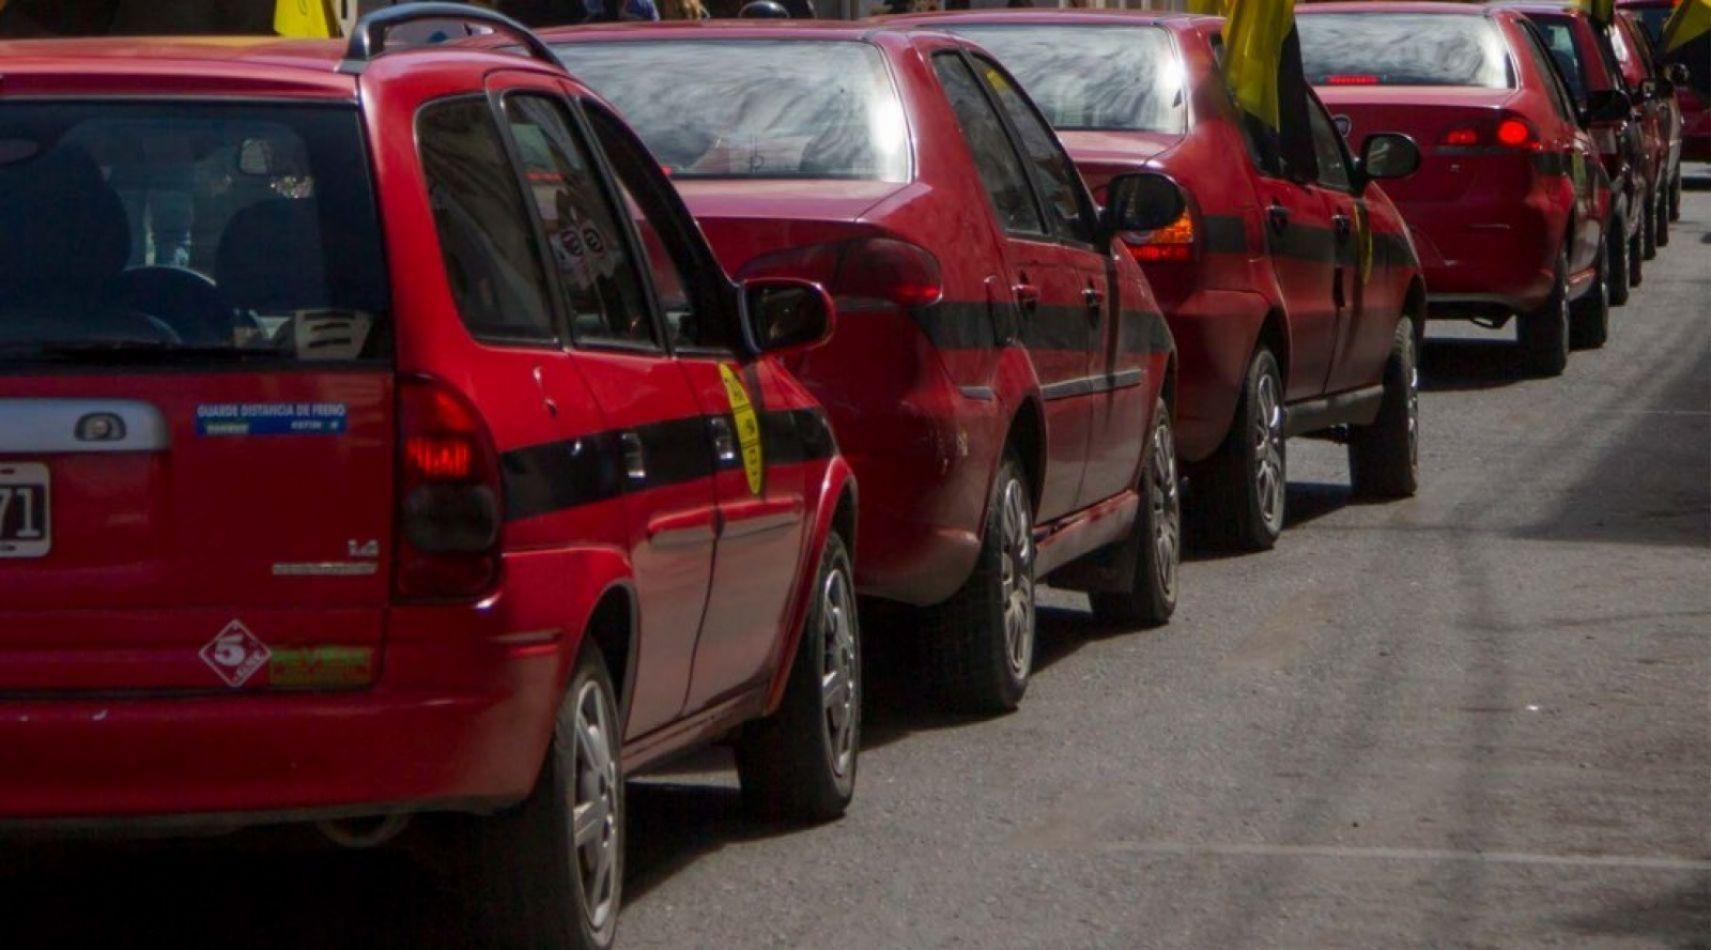 La situaci n hoy en d a del taxi es ca tica Noticias del dia de hoy en argentina espectaculos